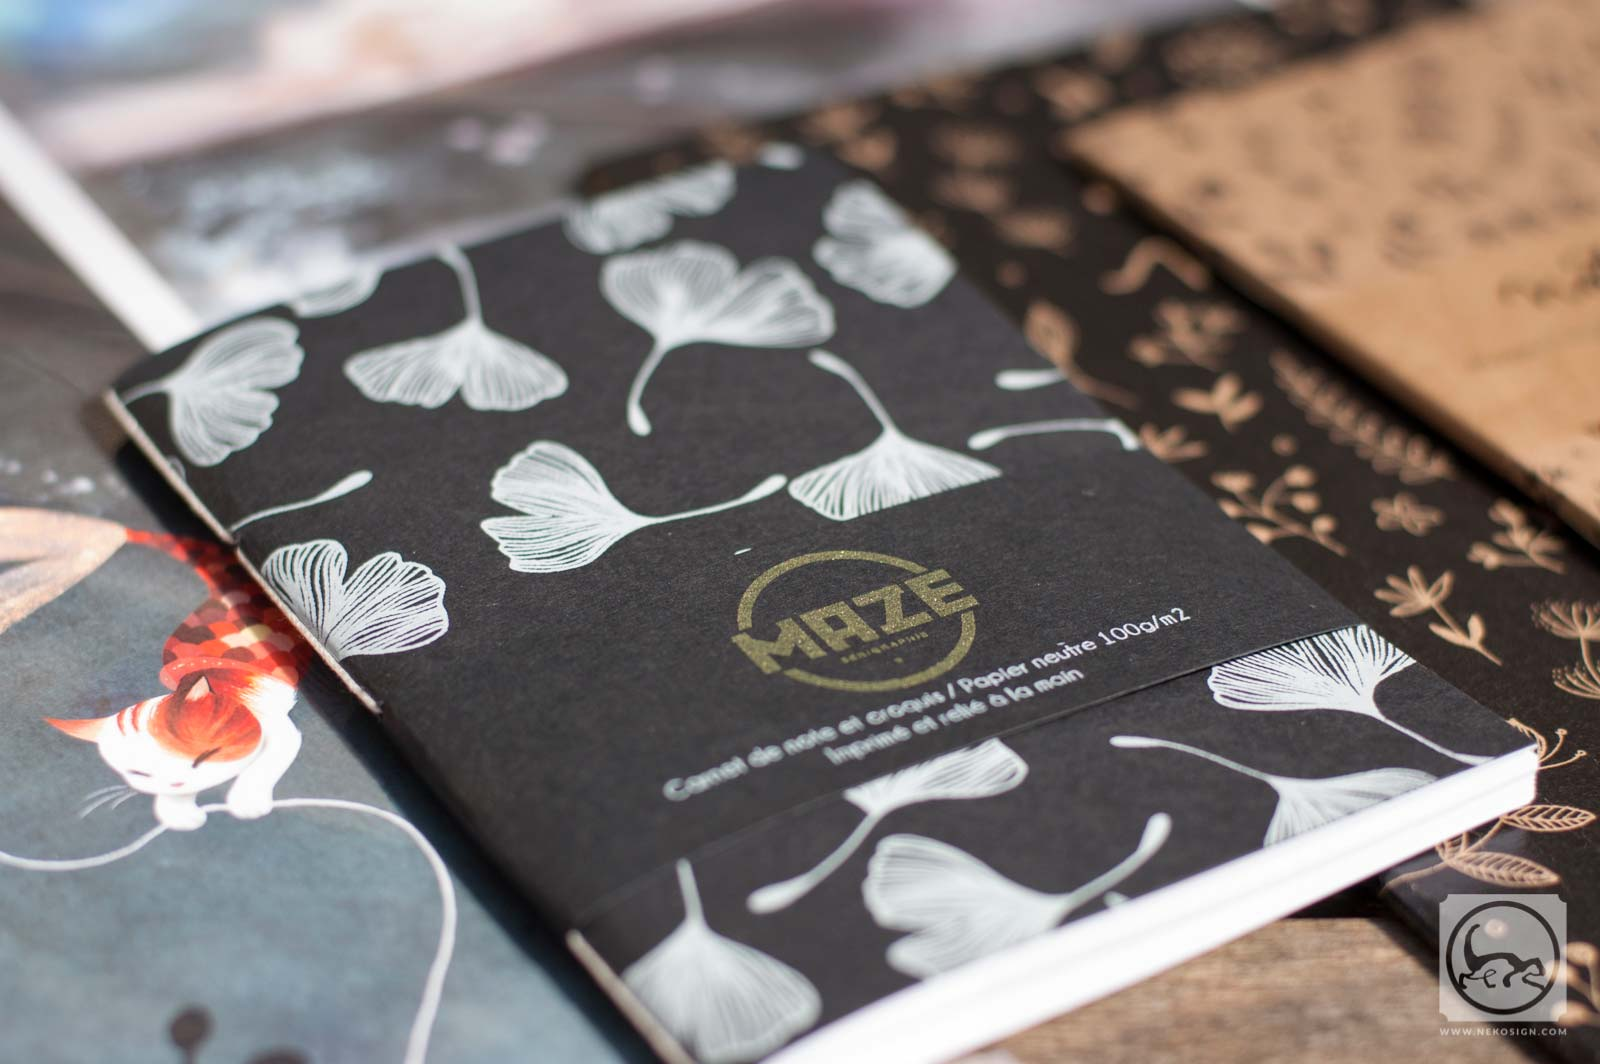 Commande affiches et carnets d'artiste - Carnet A6 de Maze serigraphie studio